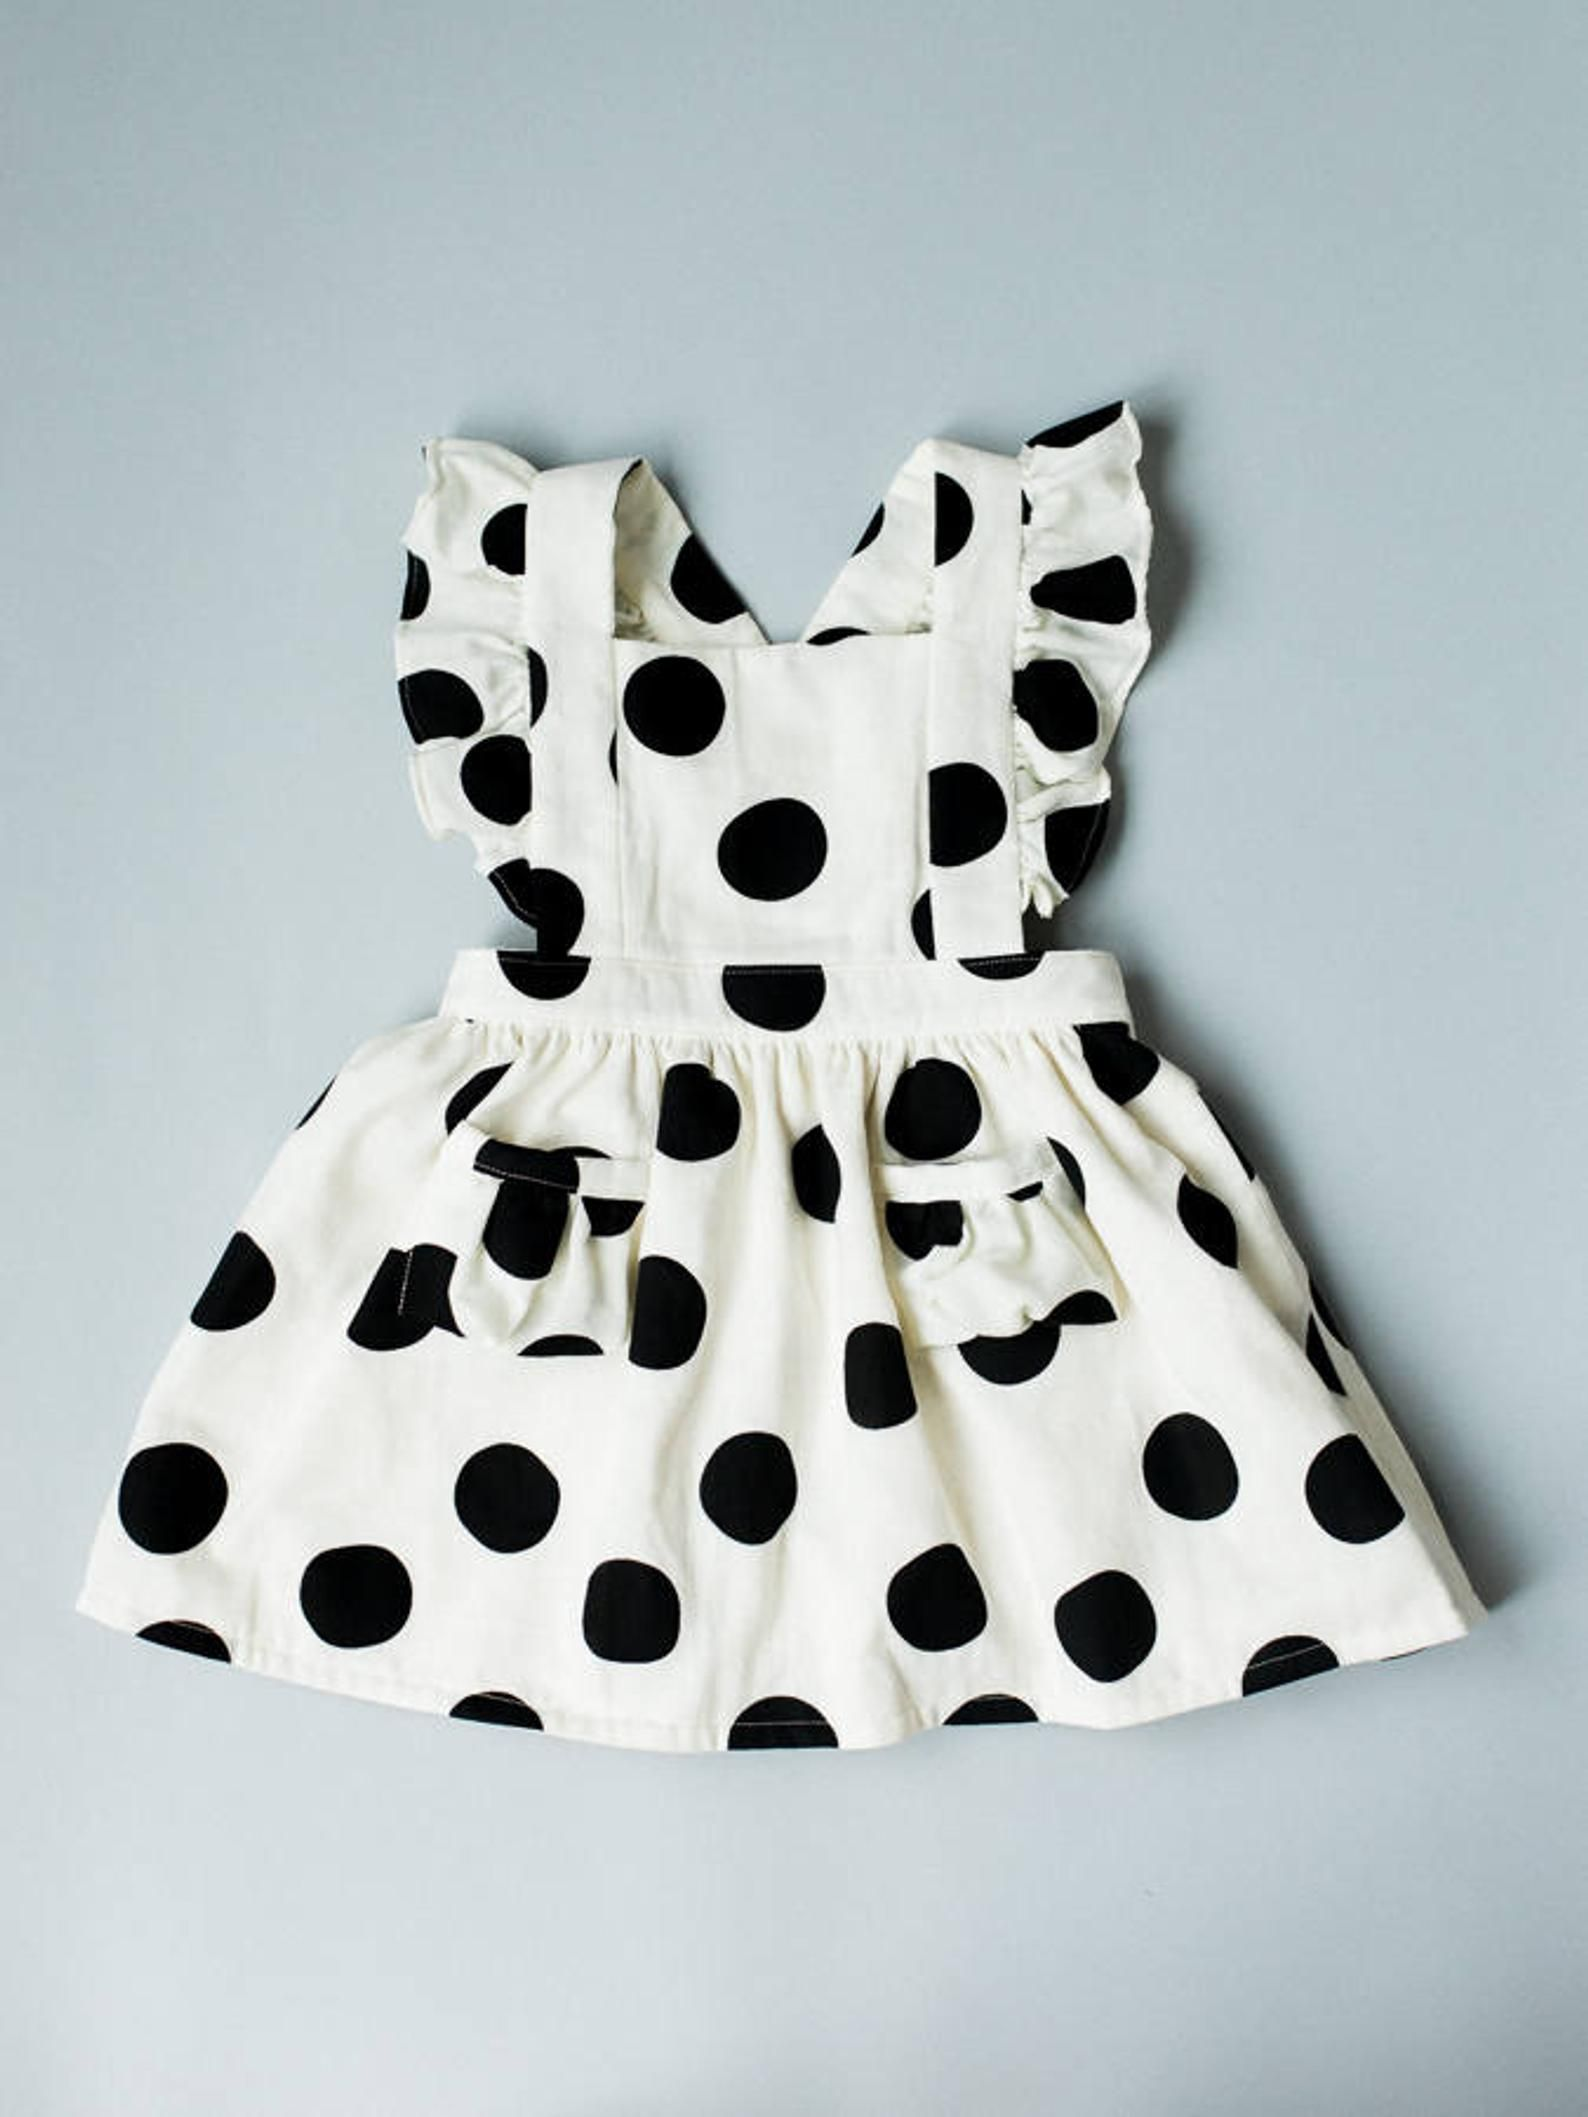 Robe Pinafore Pour Tout Petits Robe Pour Tout Petits Robe Etsy Vintage Girls Dresses Kids Dress Baby Frocks Designs [ 2117 x 1588 Pixel ]